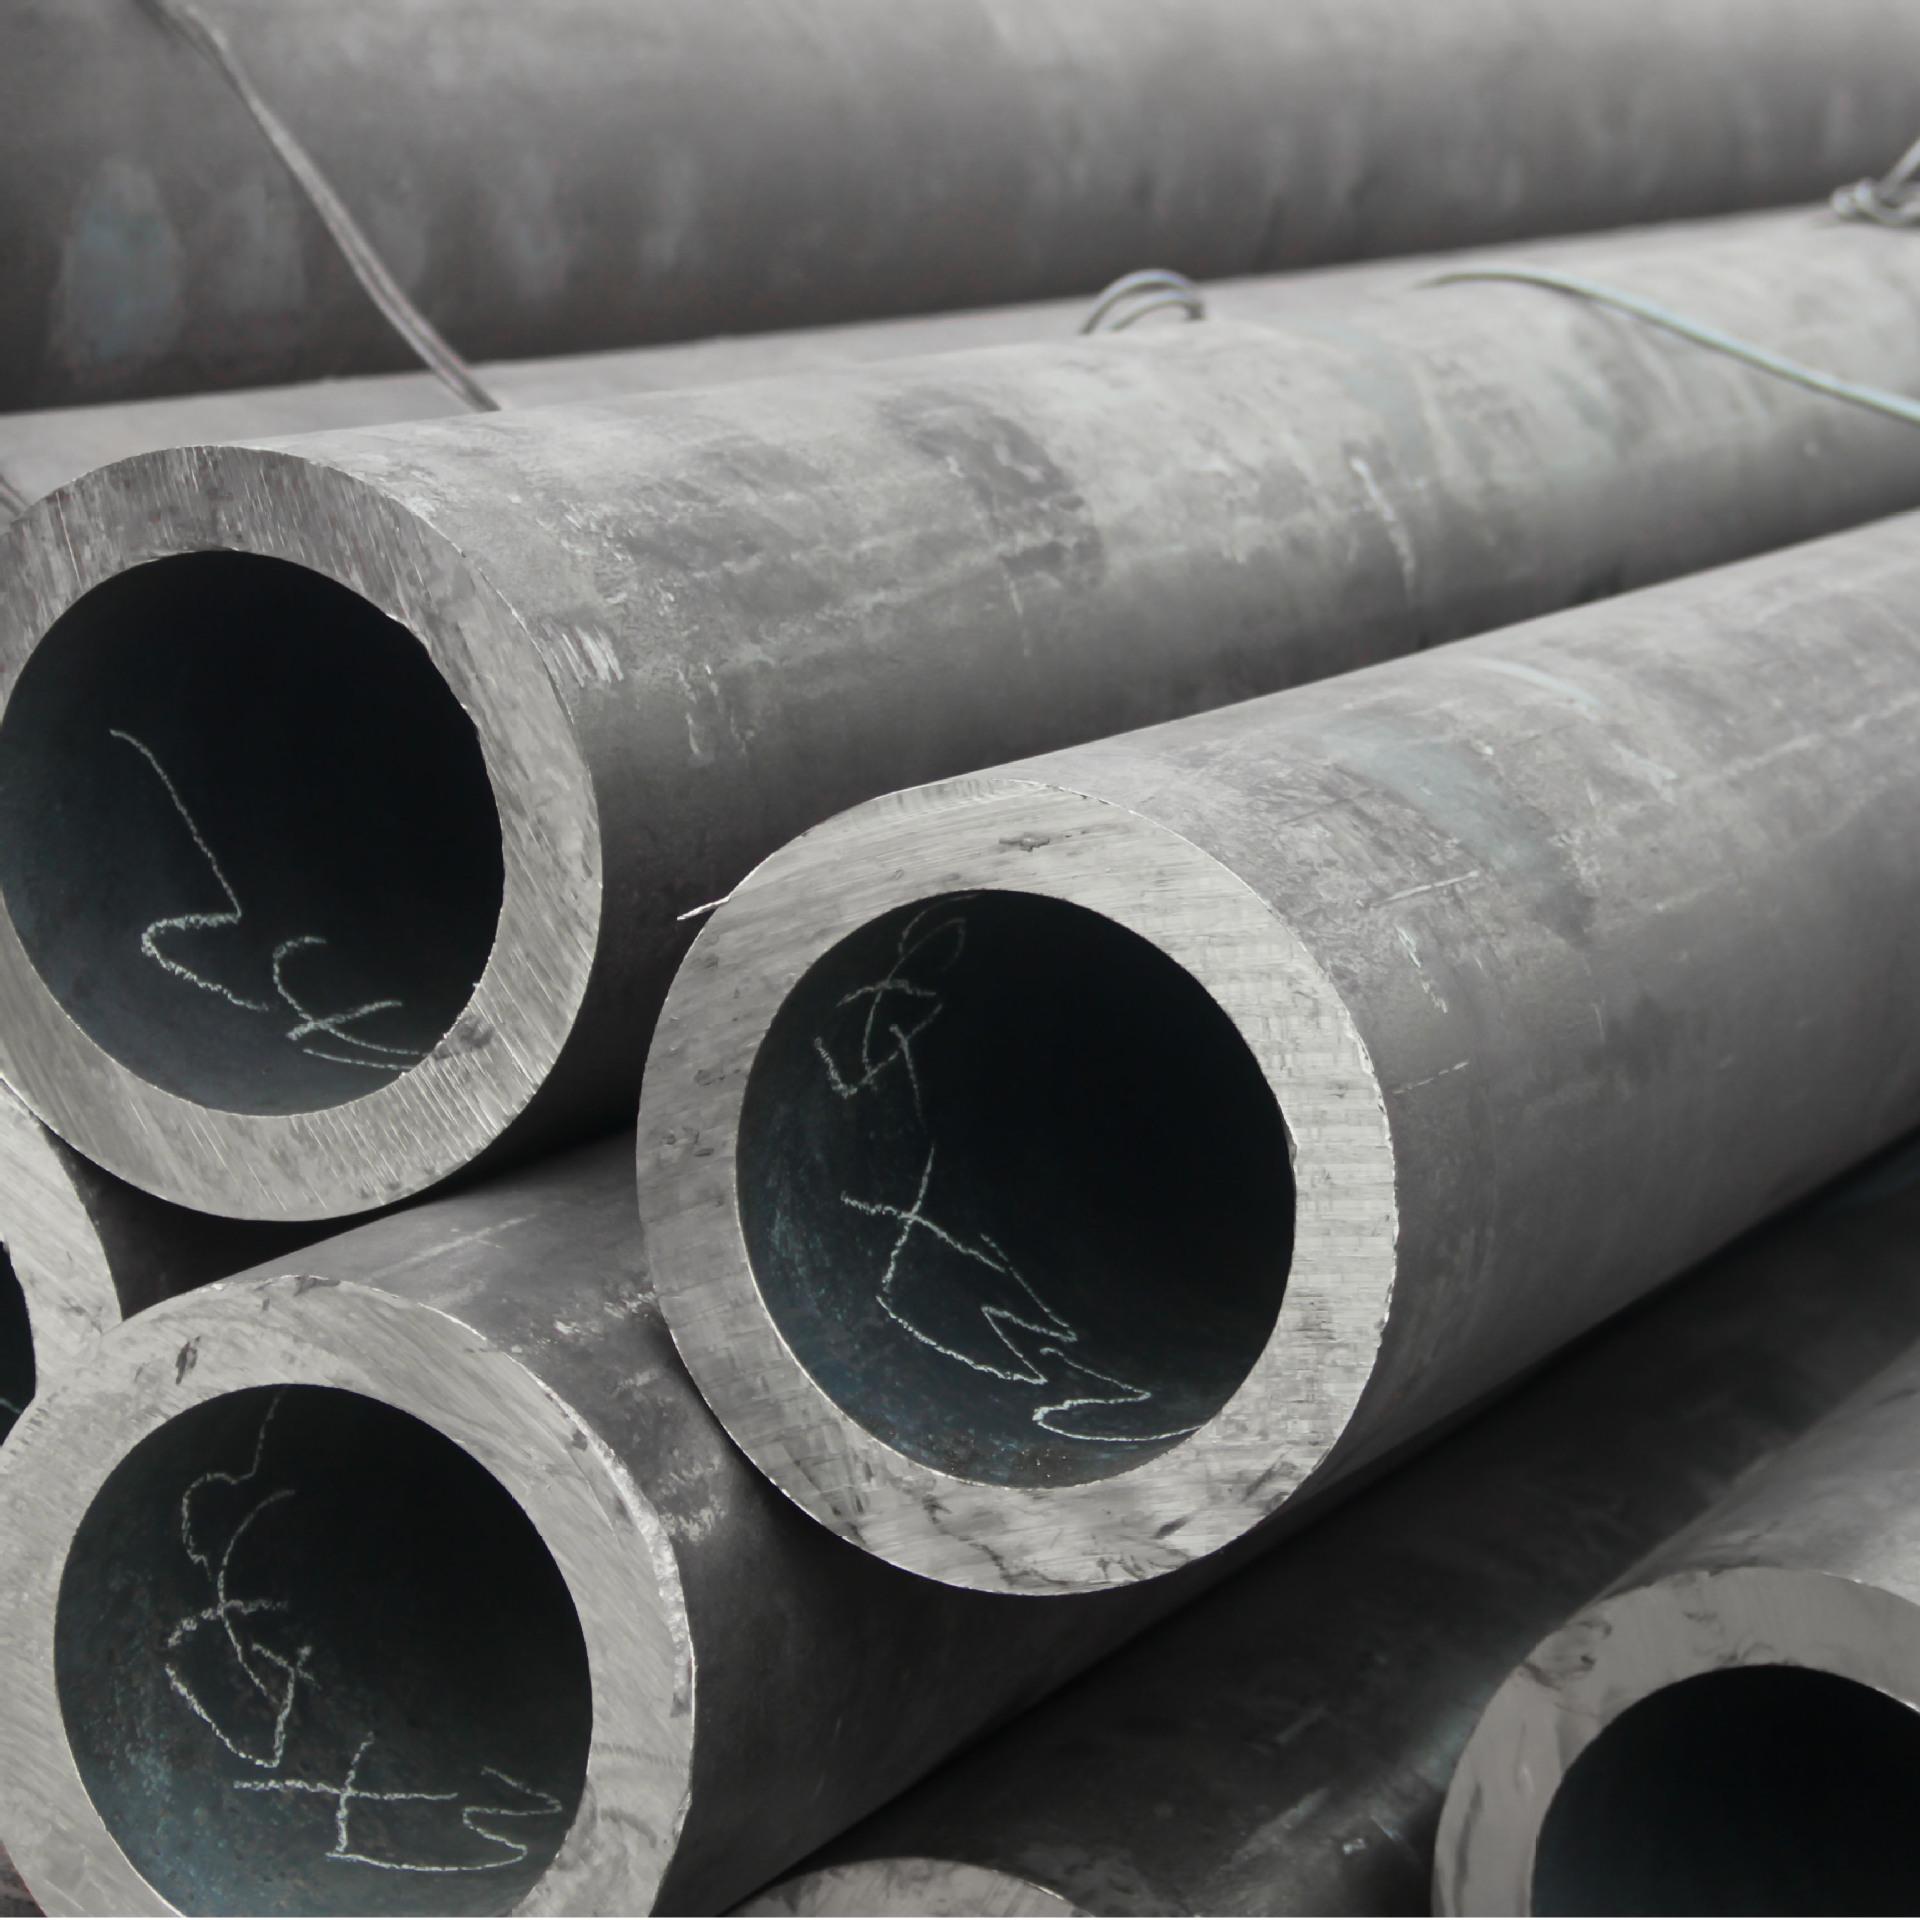 3pe防腐钢管 聊城钢管现货 小口径无缝钢管 厚壁无缝钢管 薄壁无缝钢管 规格齐全 价格合适 质量保证